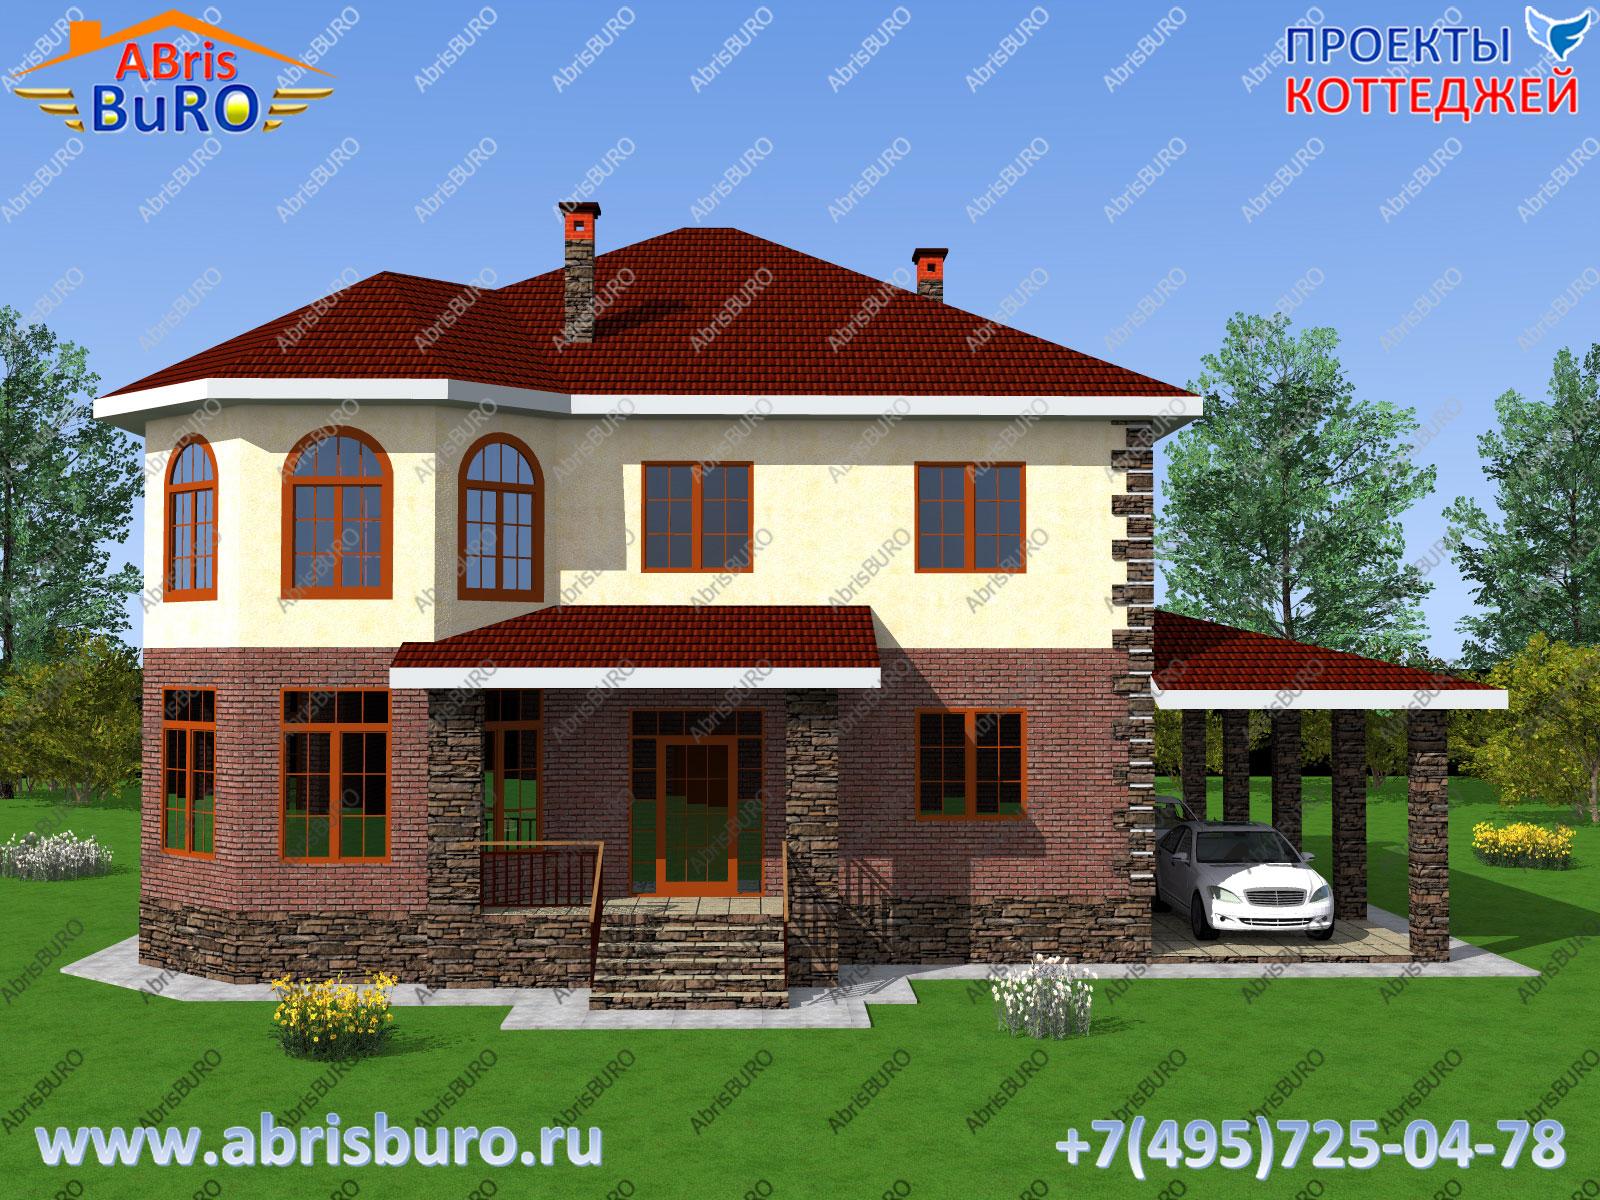 Главный фасад дома K2099-222